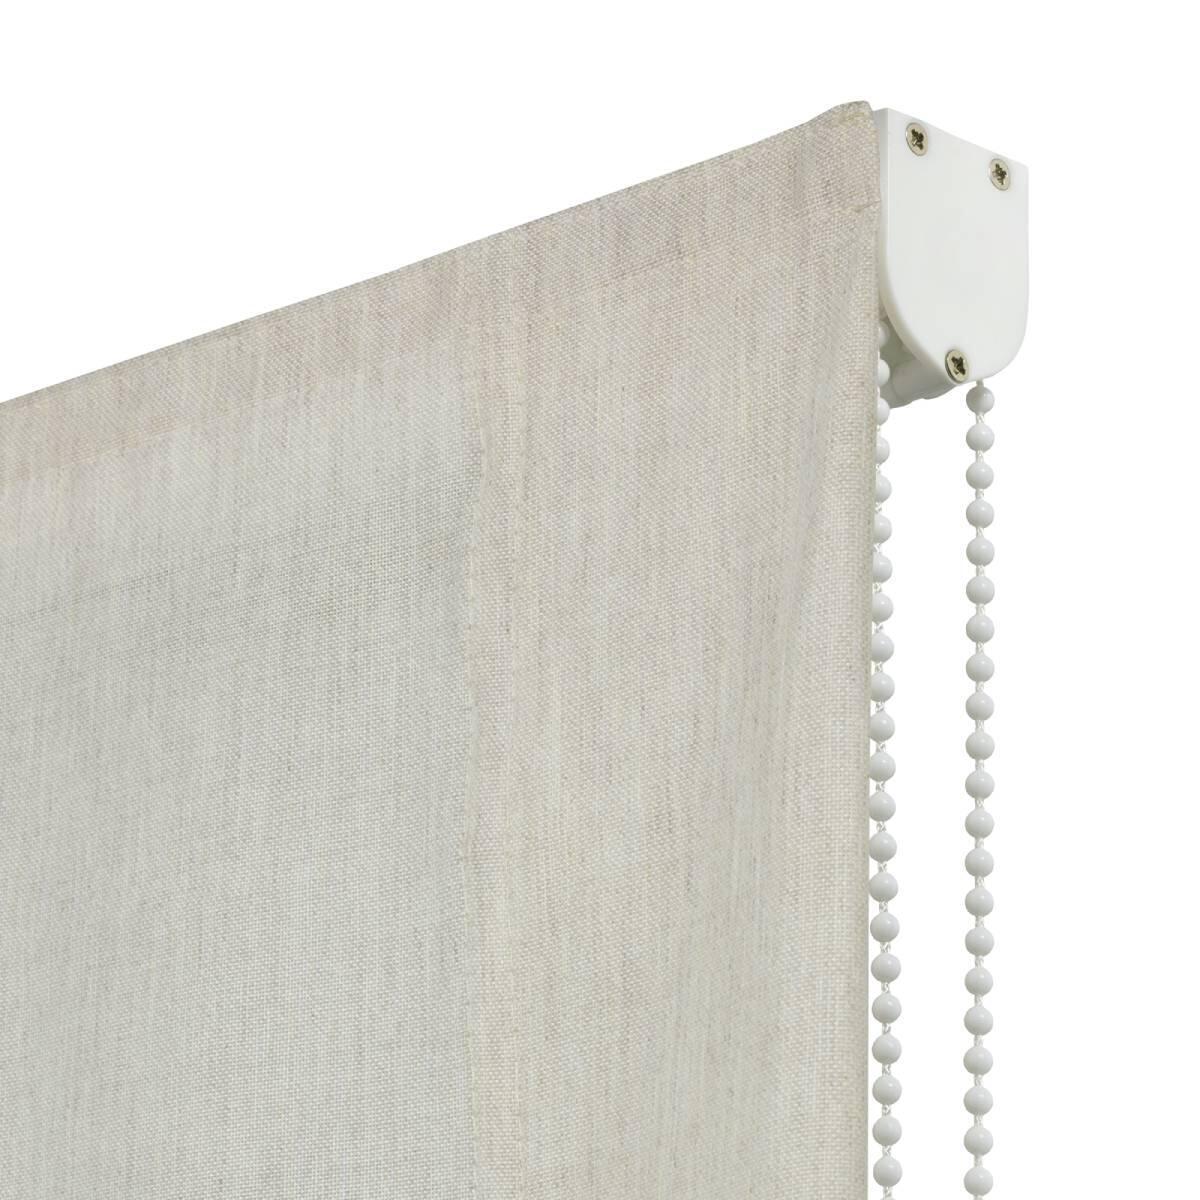 Tenda a pacchetto Maruxa beige 135x175 cm - 3